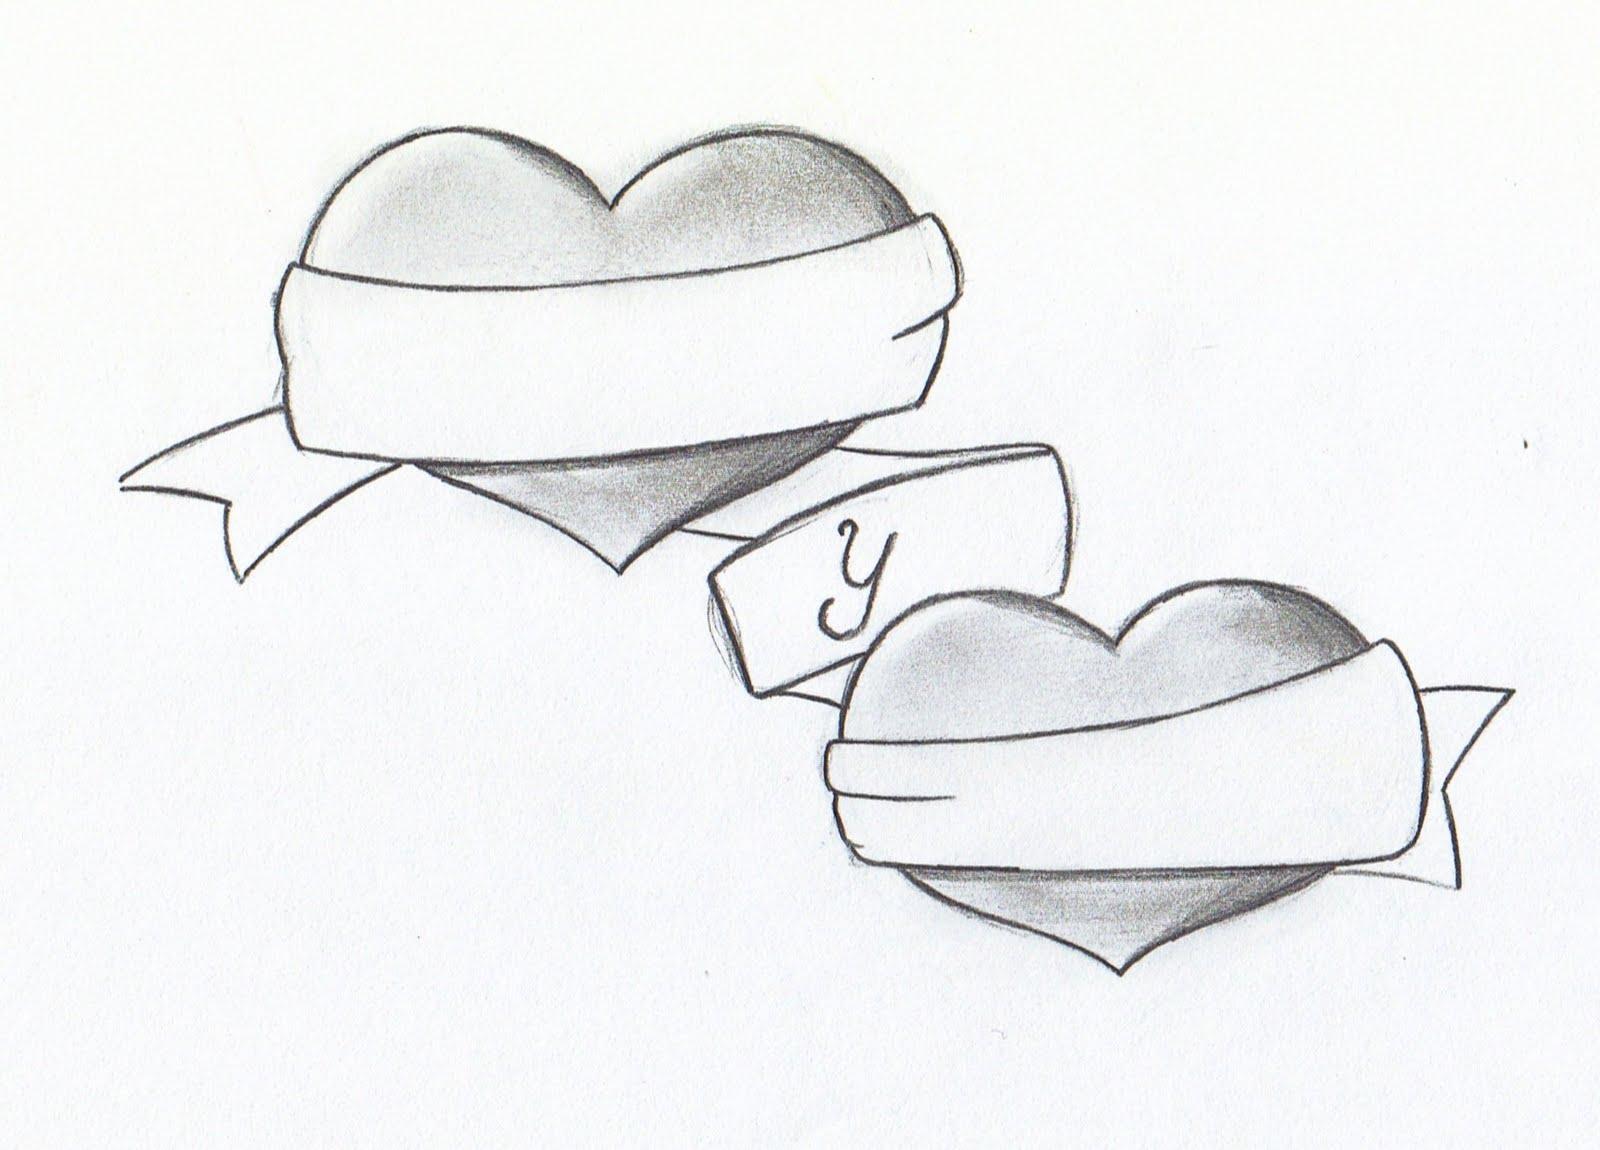 34 Imágenes Felz Da de San Valentn para imprimir y colorear con amor